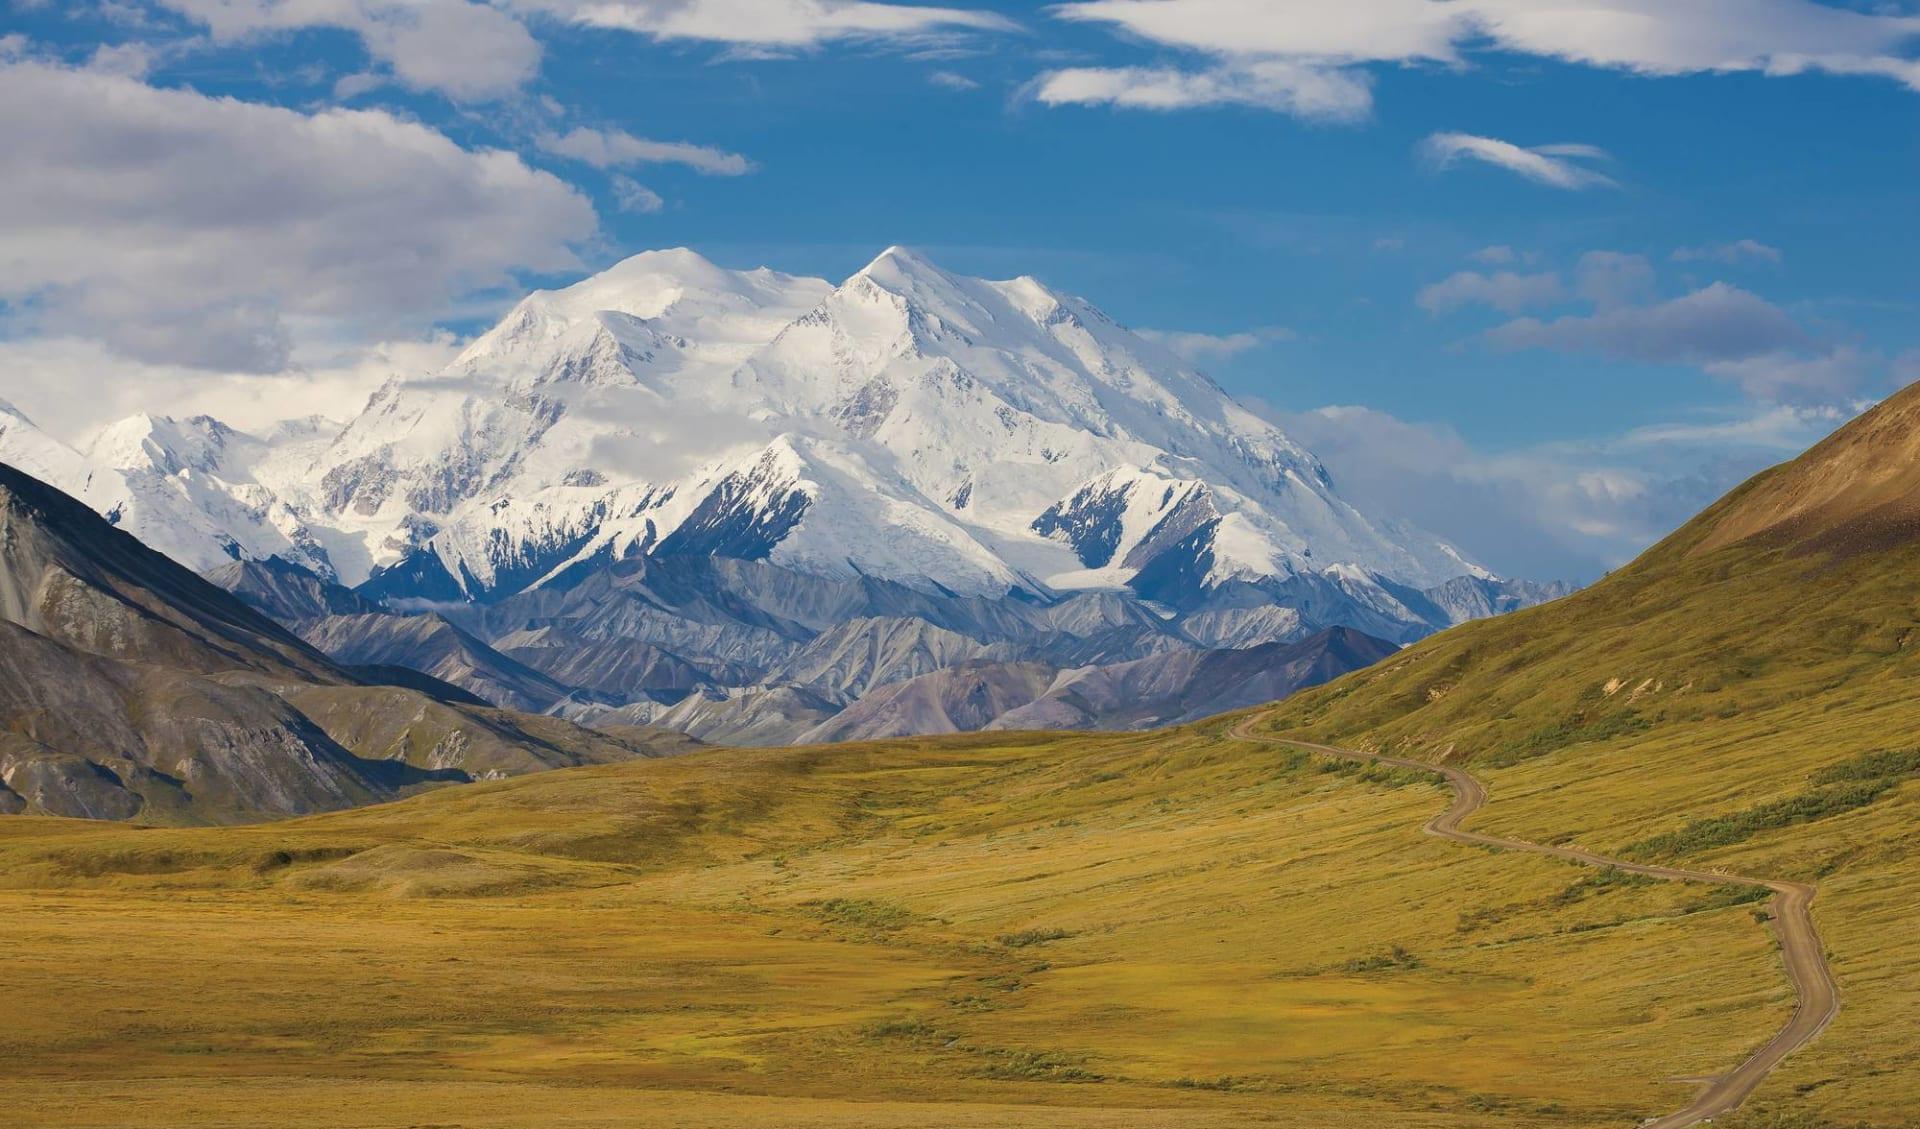 Höhepunkte des Nordens ab Anchorage: Alaska - Denali Nationalpark - Blick auf Berg